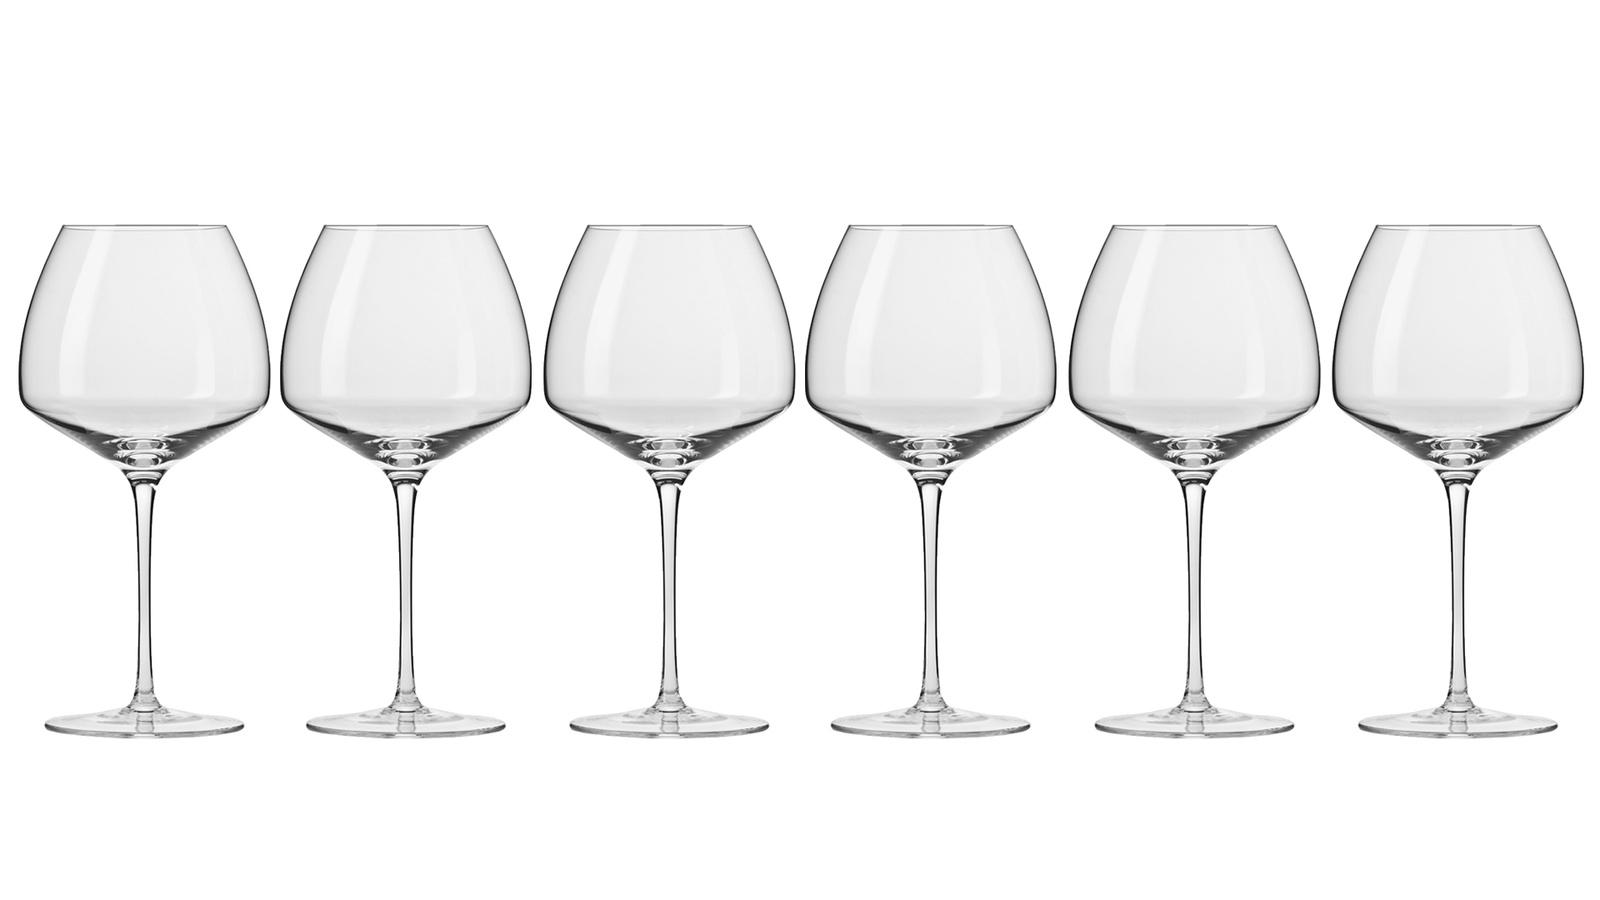 Фото - Бокал Krosno Набор бокалов для вина, прозрачный бокал krosno набор бокалов для вина прозрачный